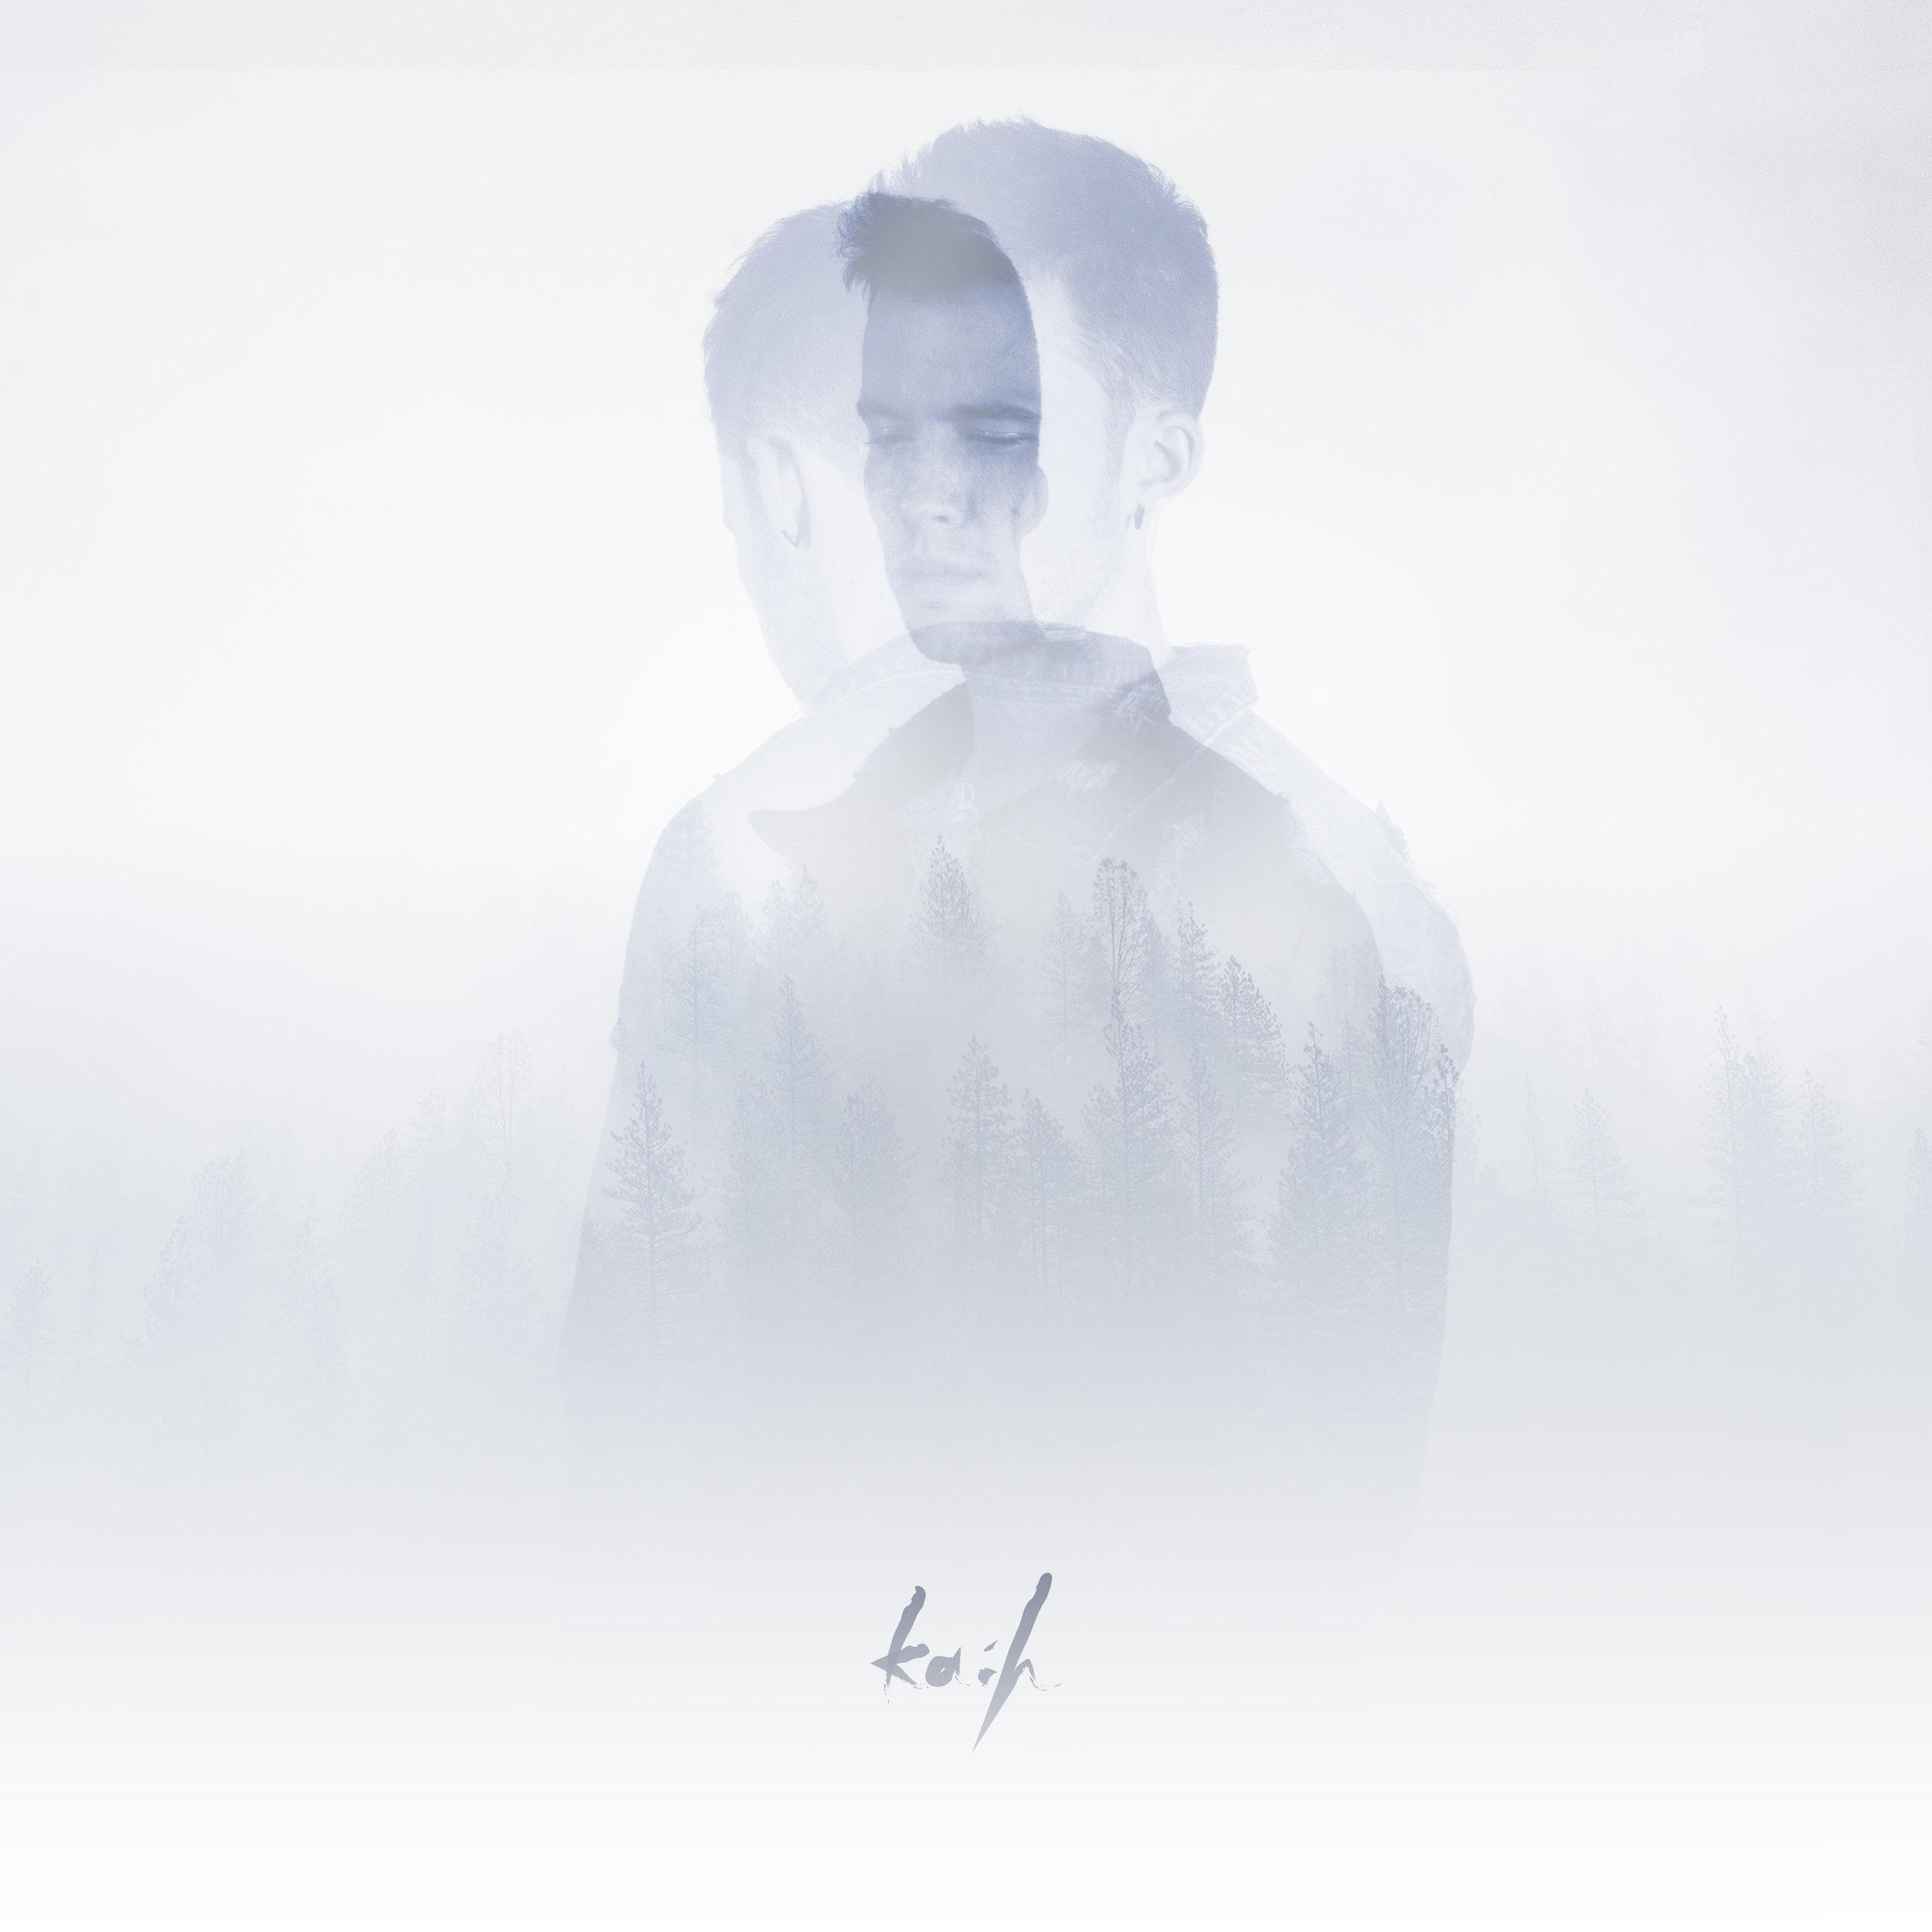 Album Cover Commission